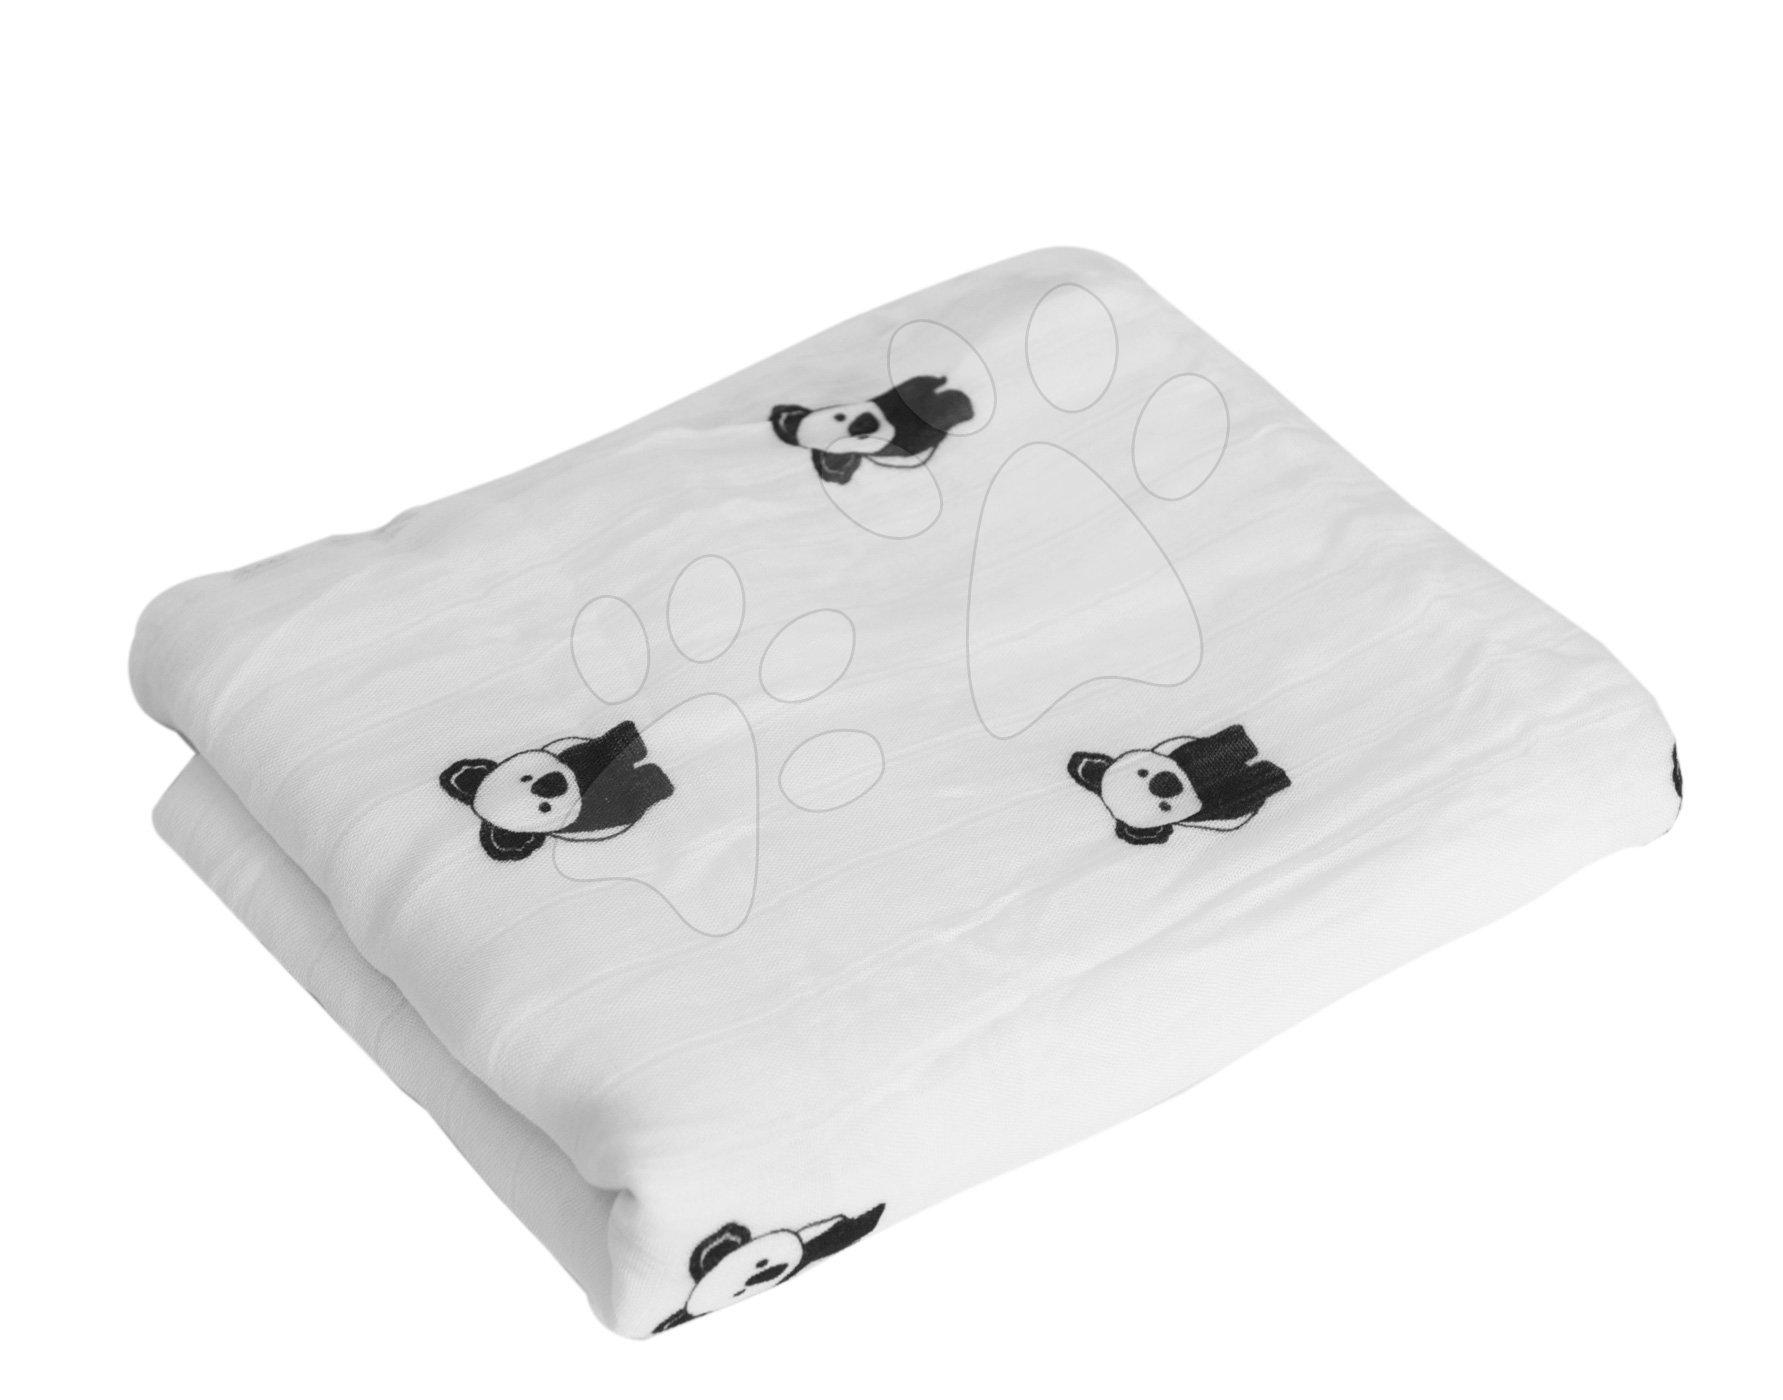 Deka pro nejmenší Bamboo toTs-smarTrike Black&White koala 3vrstvé 100% hedvábí od 0 měsíců